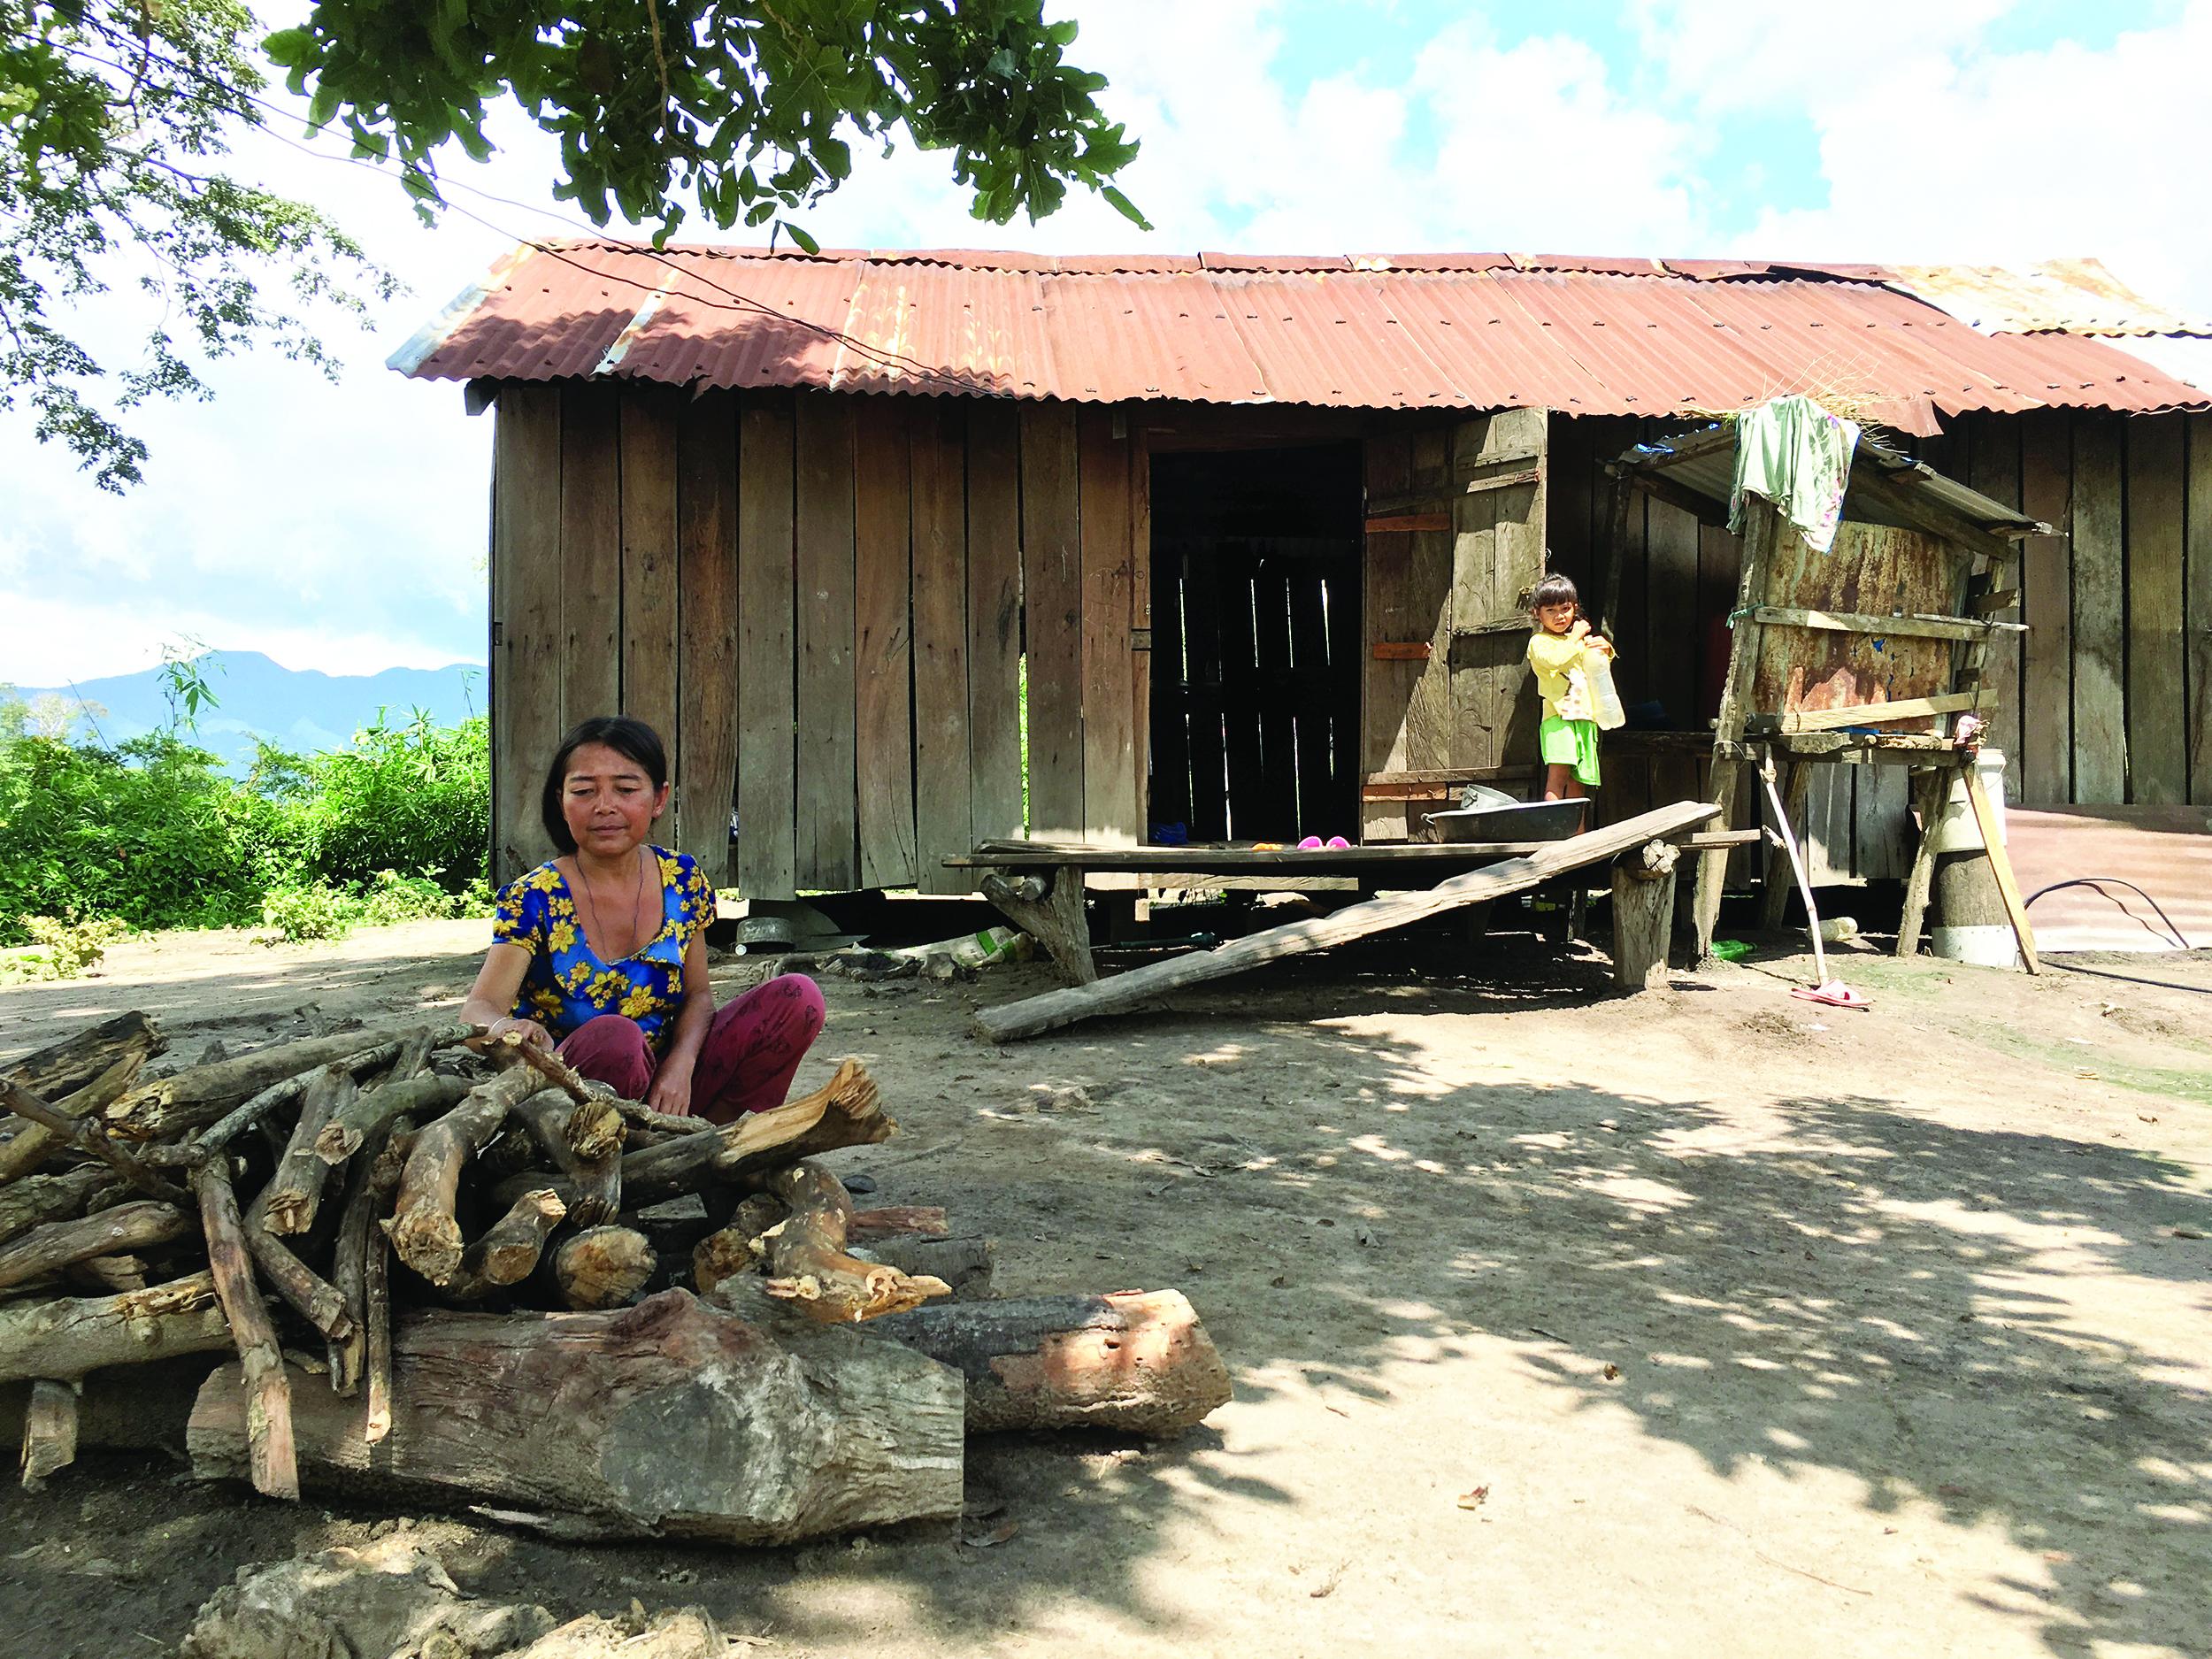 Chỉ với 2 sào lúa nhưng phải nuôi tới 5 miệng ăn, gia đình chị Đinh Thị Trép là một trong những hộ nghèo của làng Sơ Tơn, xã Chư Krey.